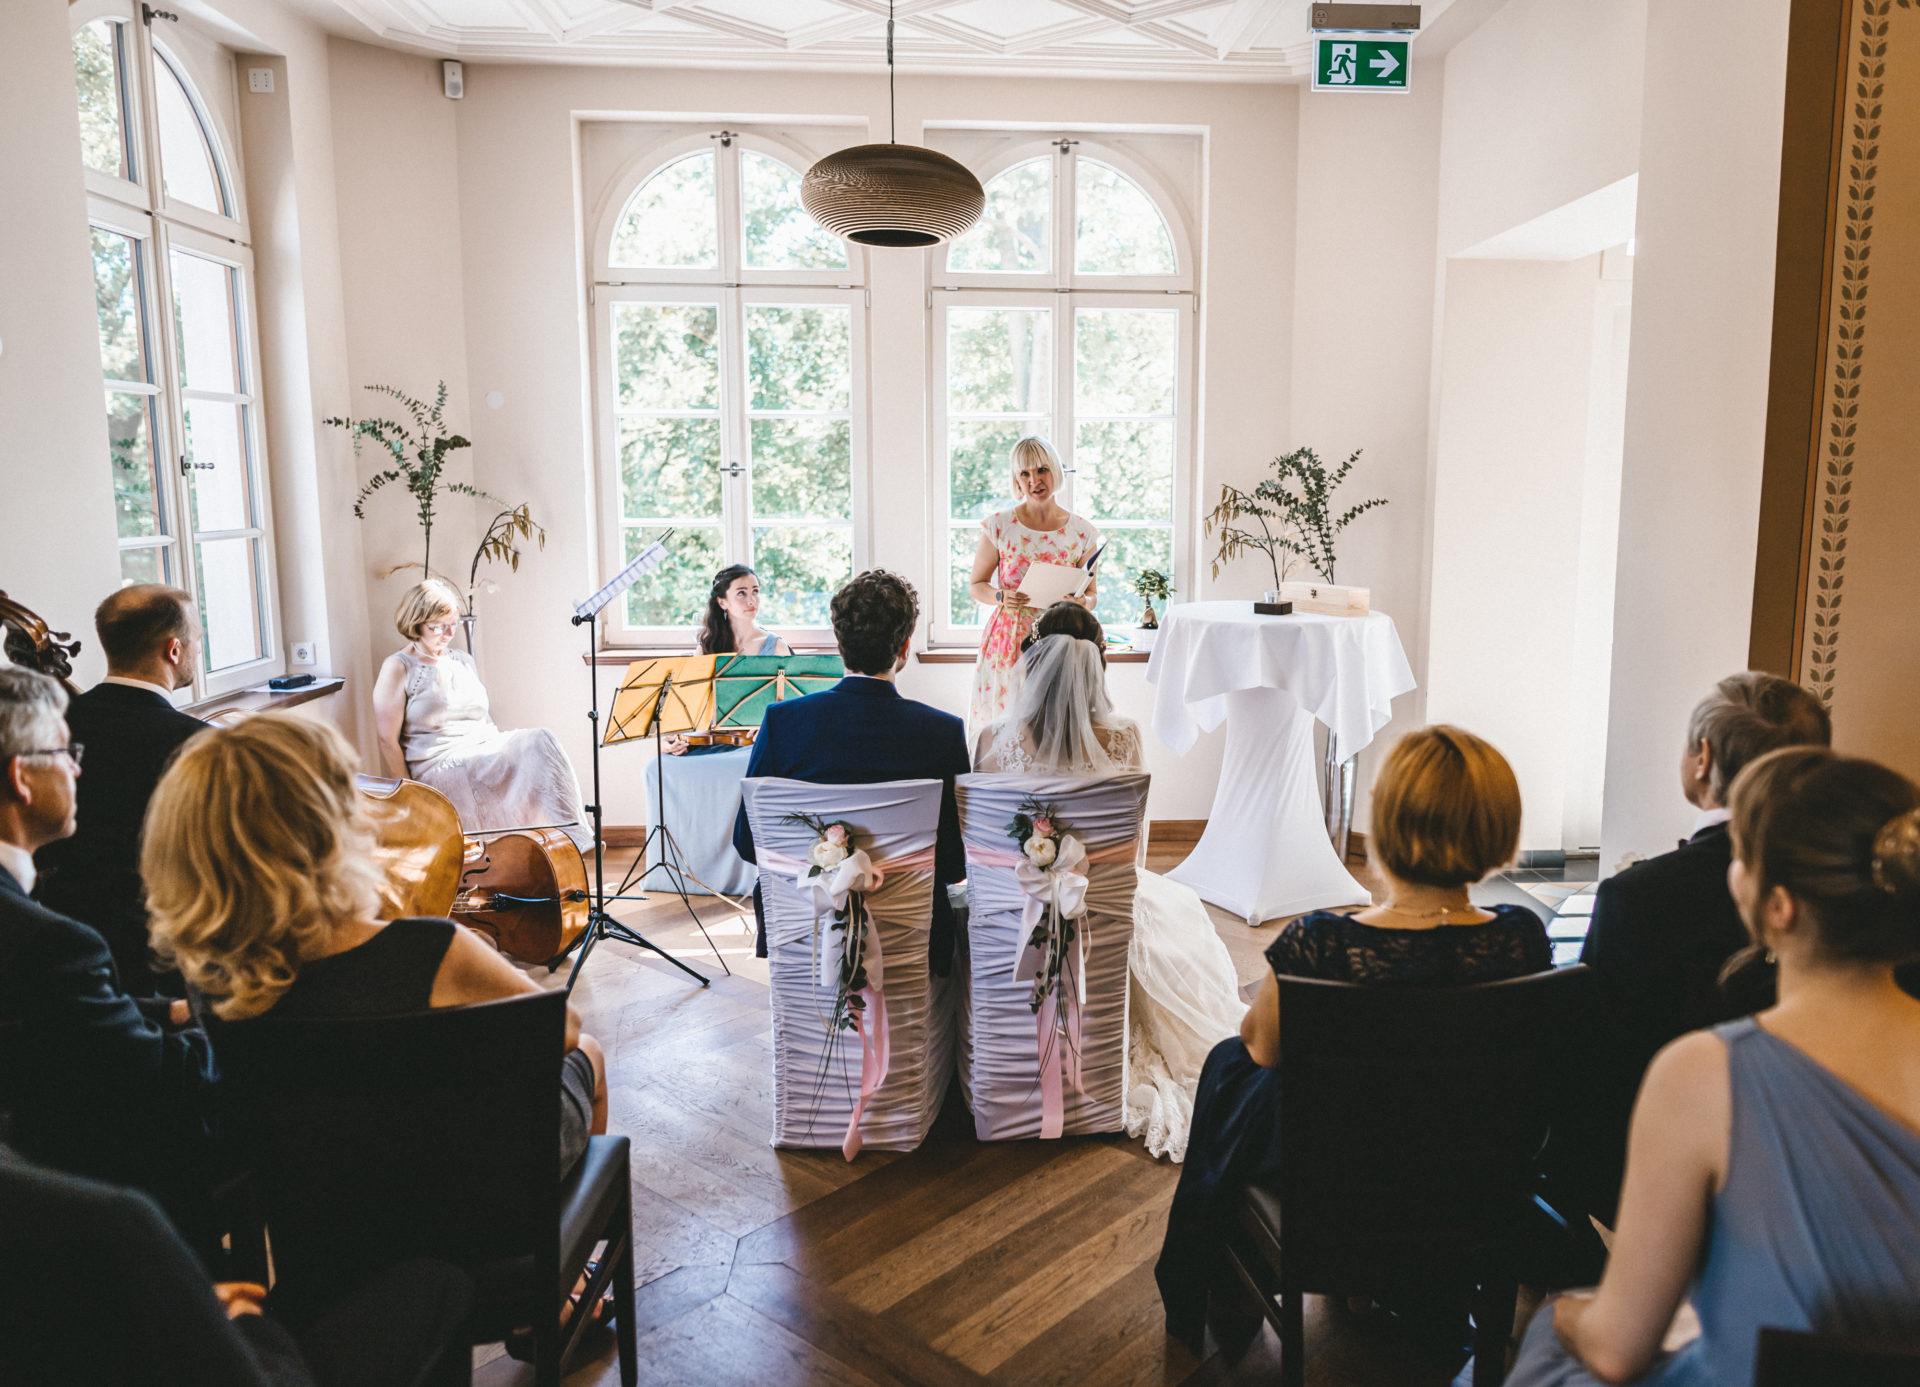 Hochzeitsreportage | Freie Trauung im Herrenhaus Möckern in Leipzig | 18